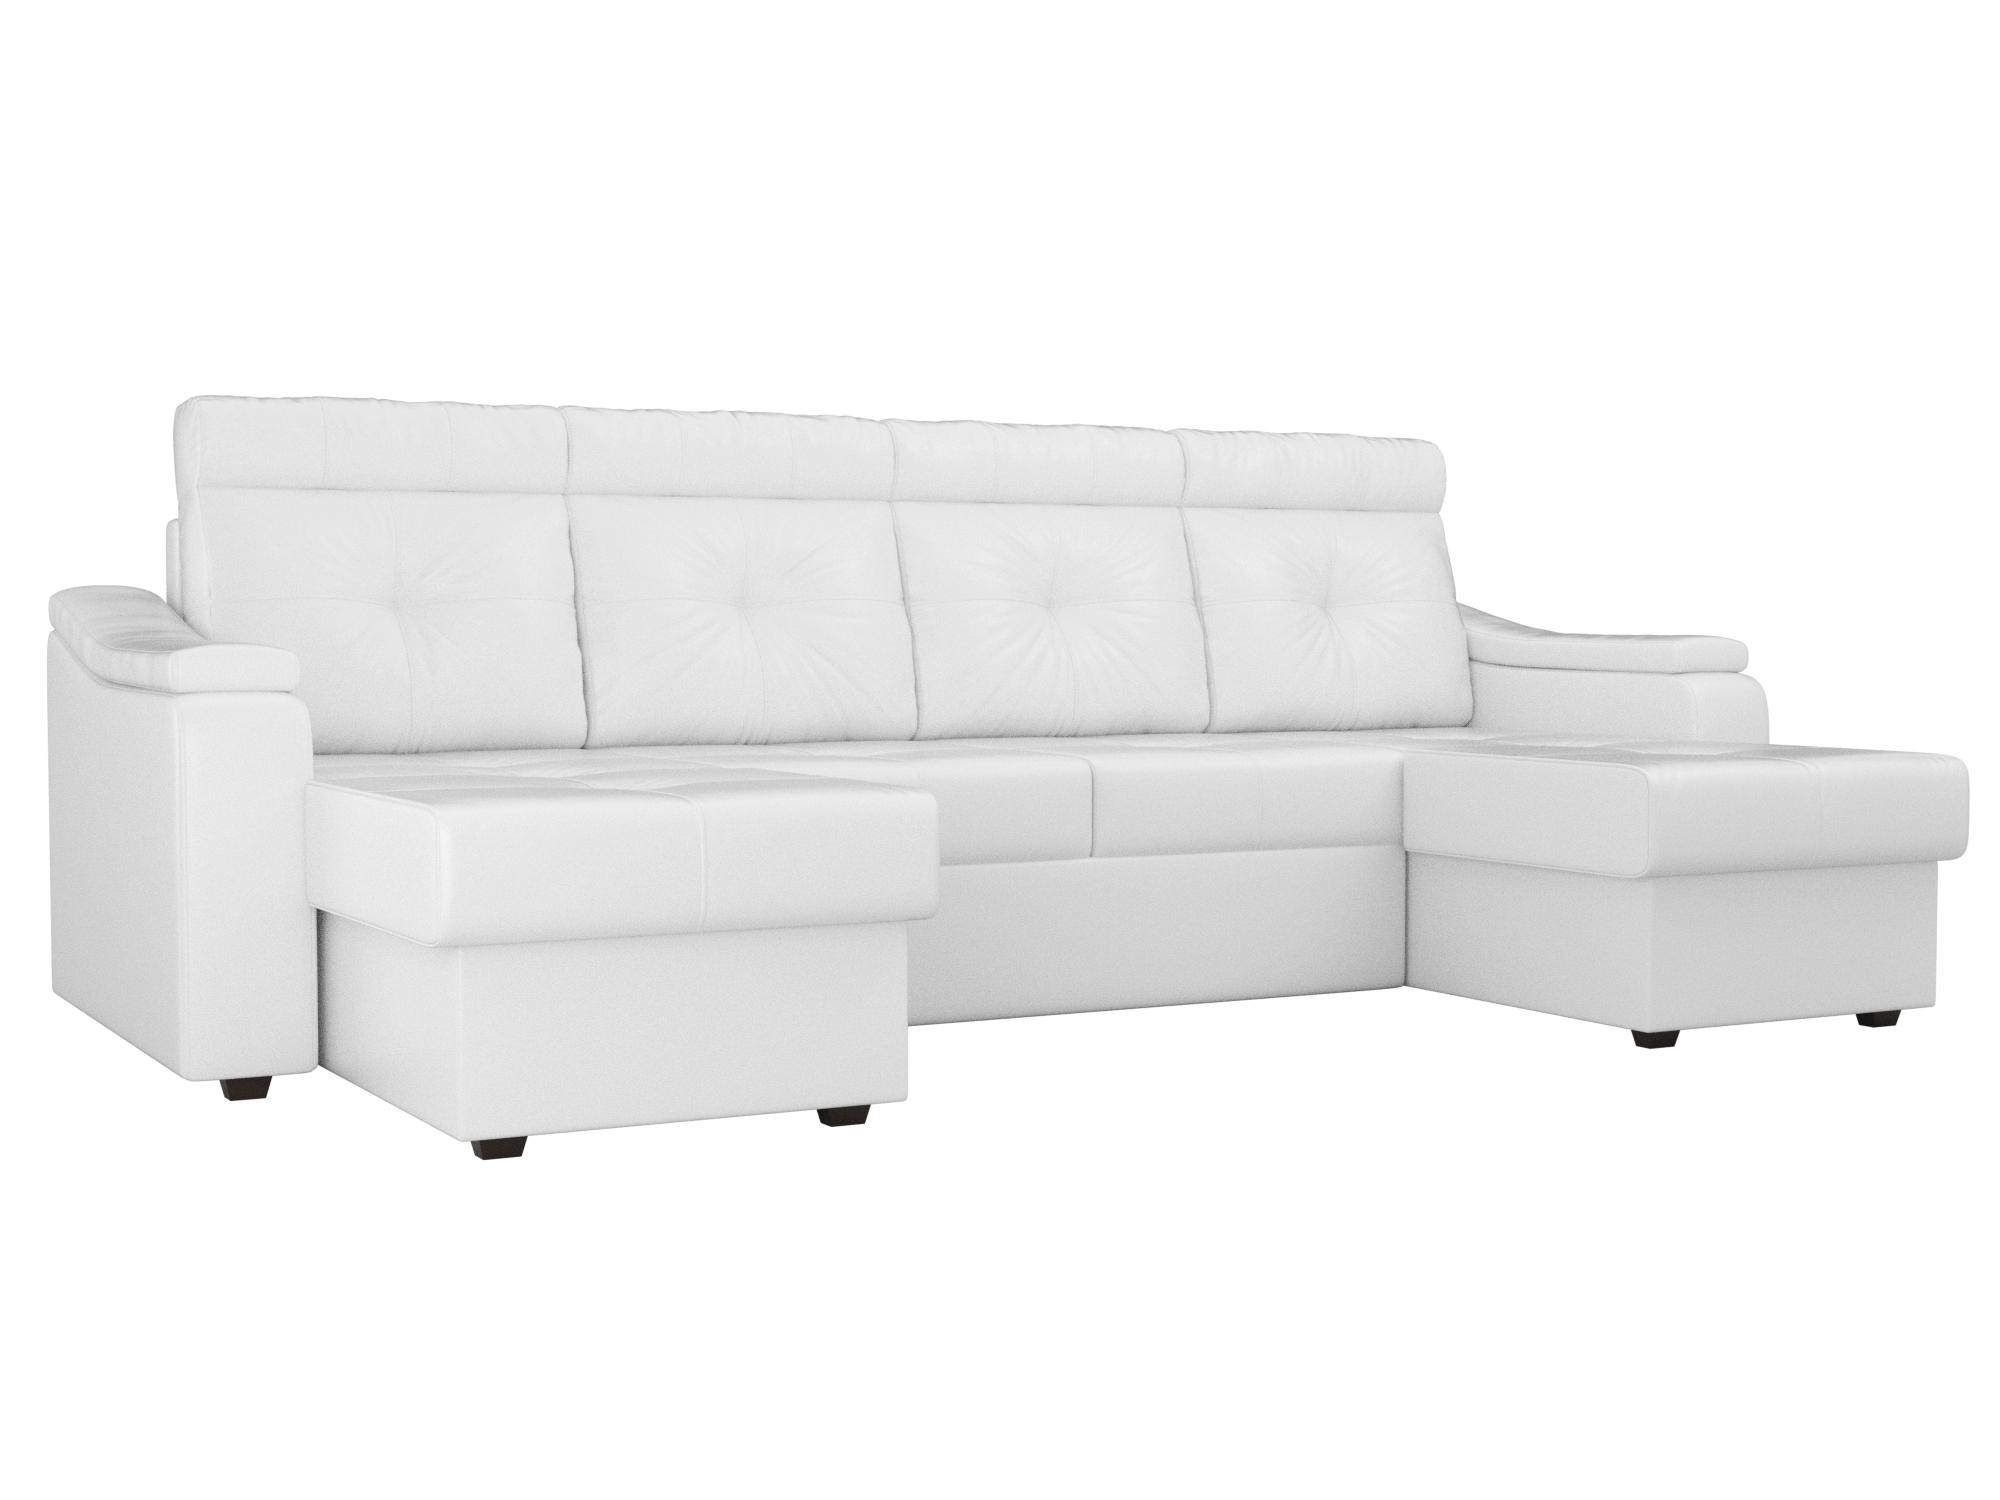 П-образный диван Джастин MebelVia Белый